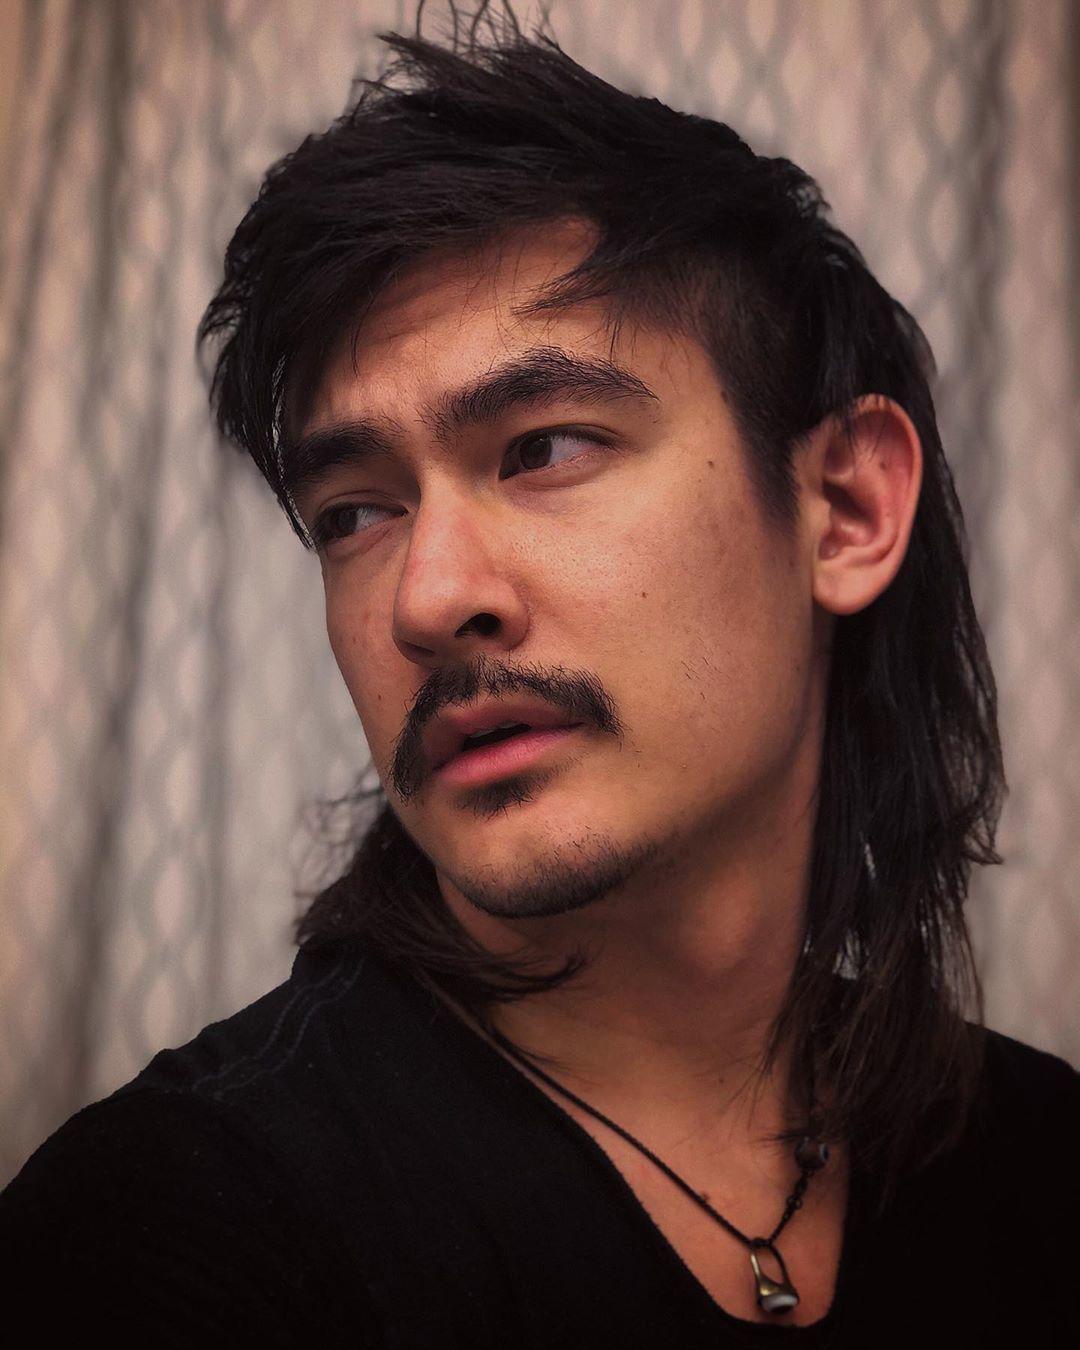 Un homme aux cheveux foncés dans une coupe de mulet long